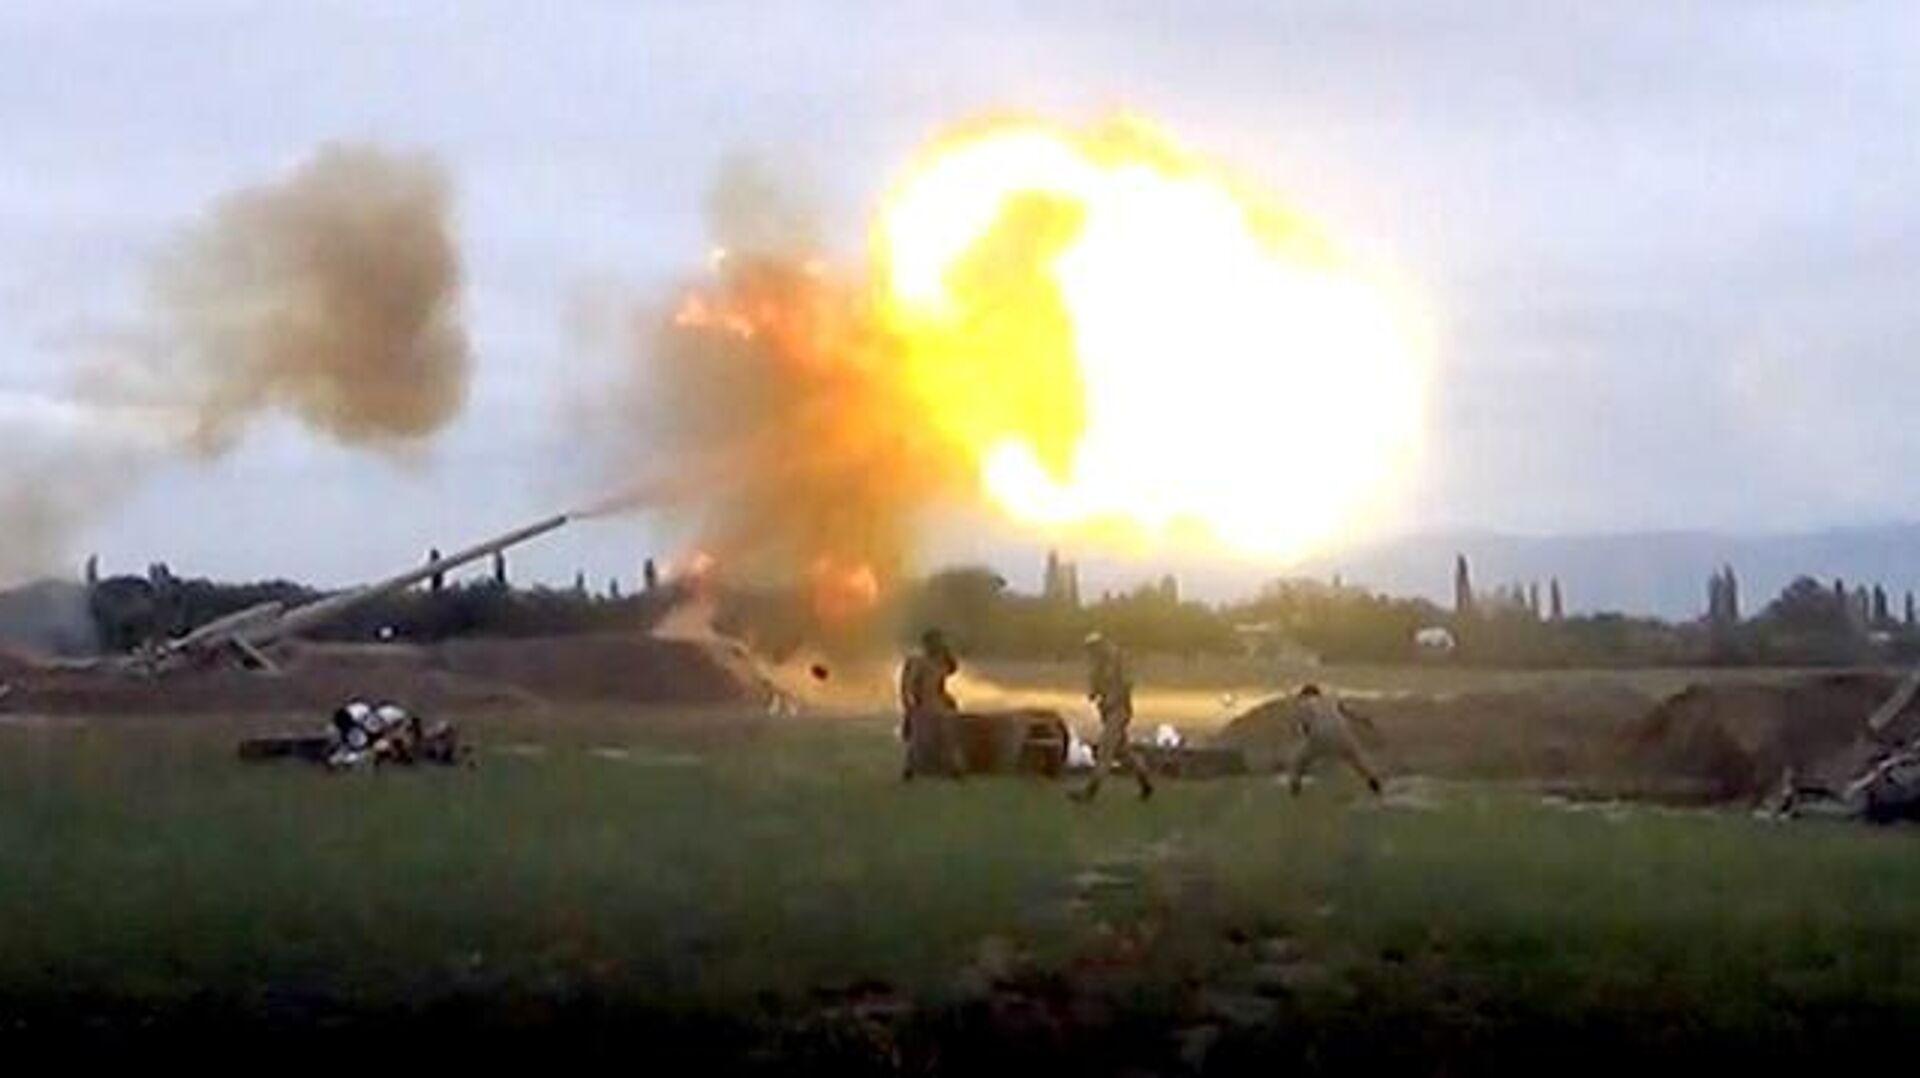 Подразделения азербайджанской армии наносят артиллерийские удары - РИА Новости, 1920, 01.10.2020